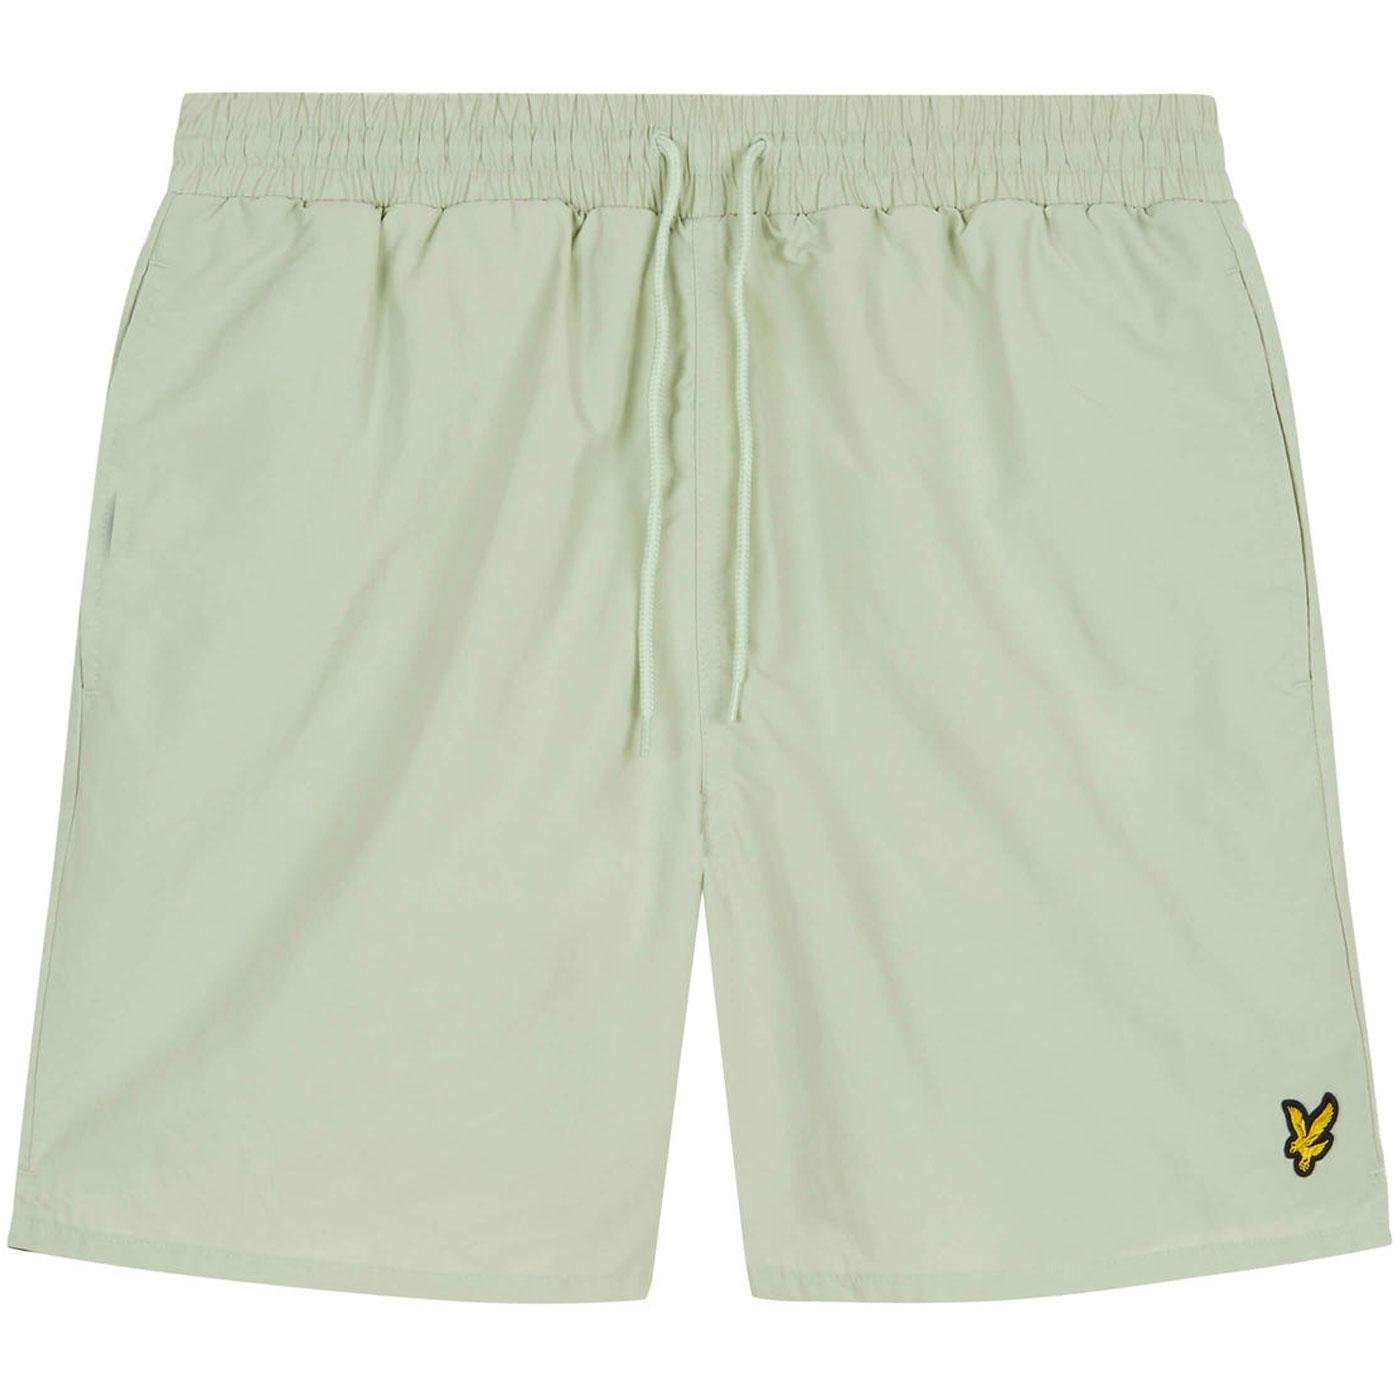 LYLE & SCOTT Retro Plain Swim Shorts (Sea Foam)